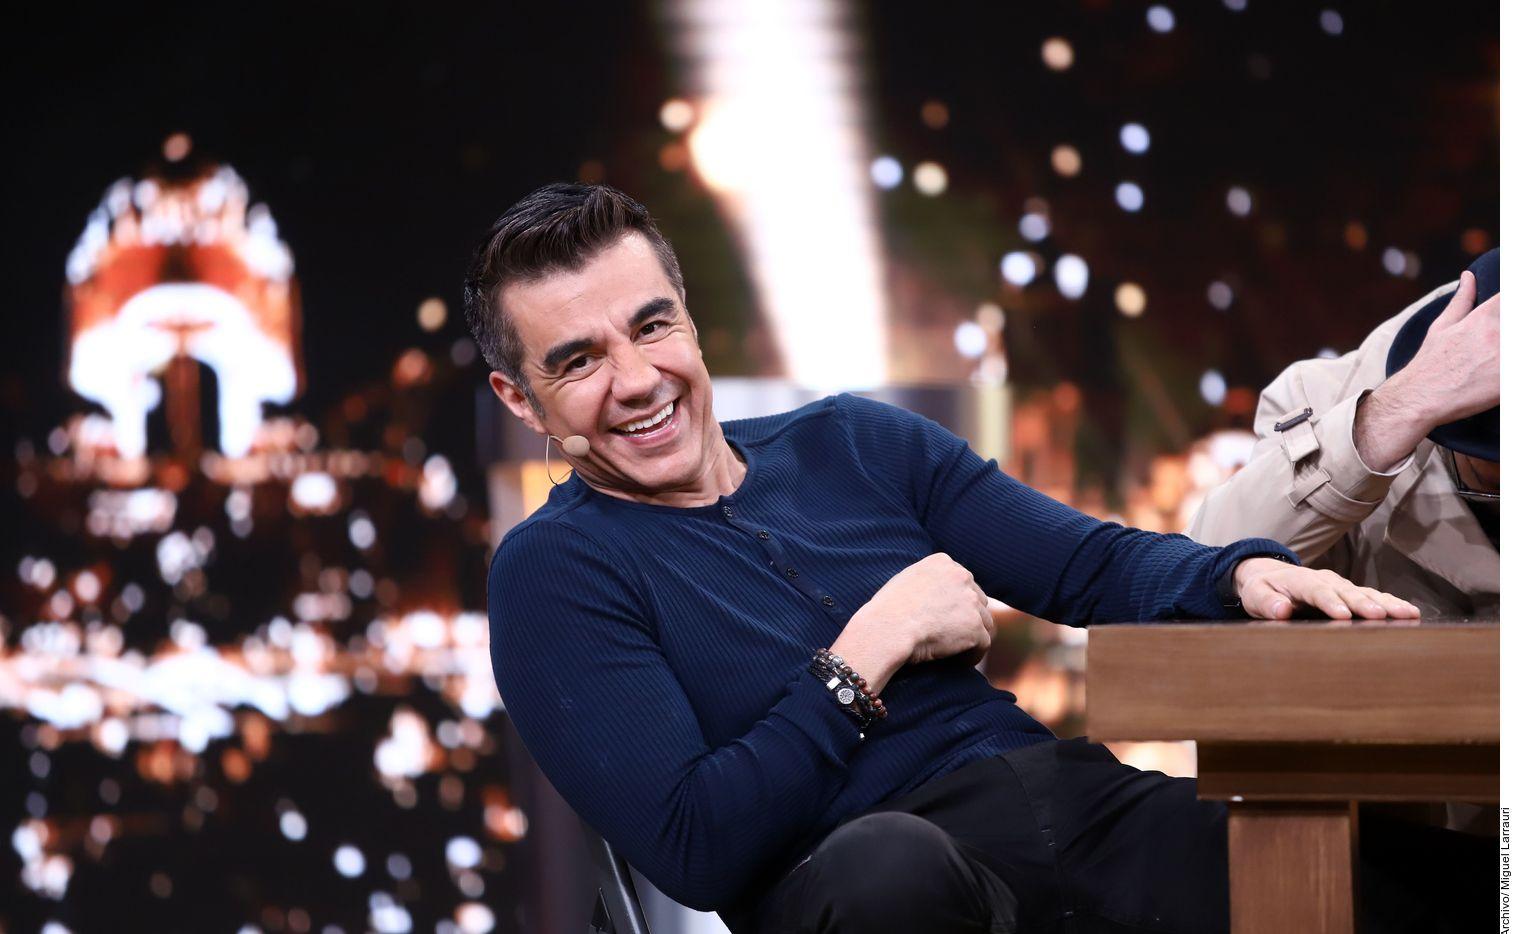 Tras su éxito en la comedia para televisión Nosotros Los Guapos junto a Ariel Miramontes y su gira Emparejados con Consuelo Duval, el actor de 46 años, Adrián Uribe (foto), dijo que todavía tiene mucho que explorar en la pantalla grande. AGENCIA REFORMA